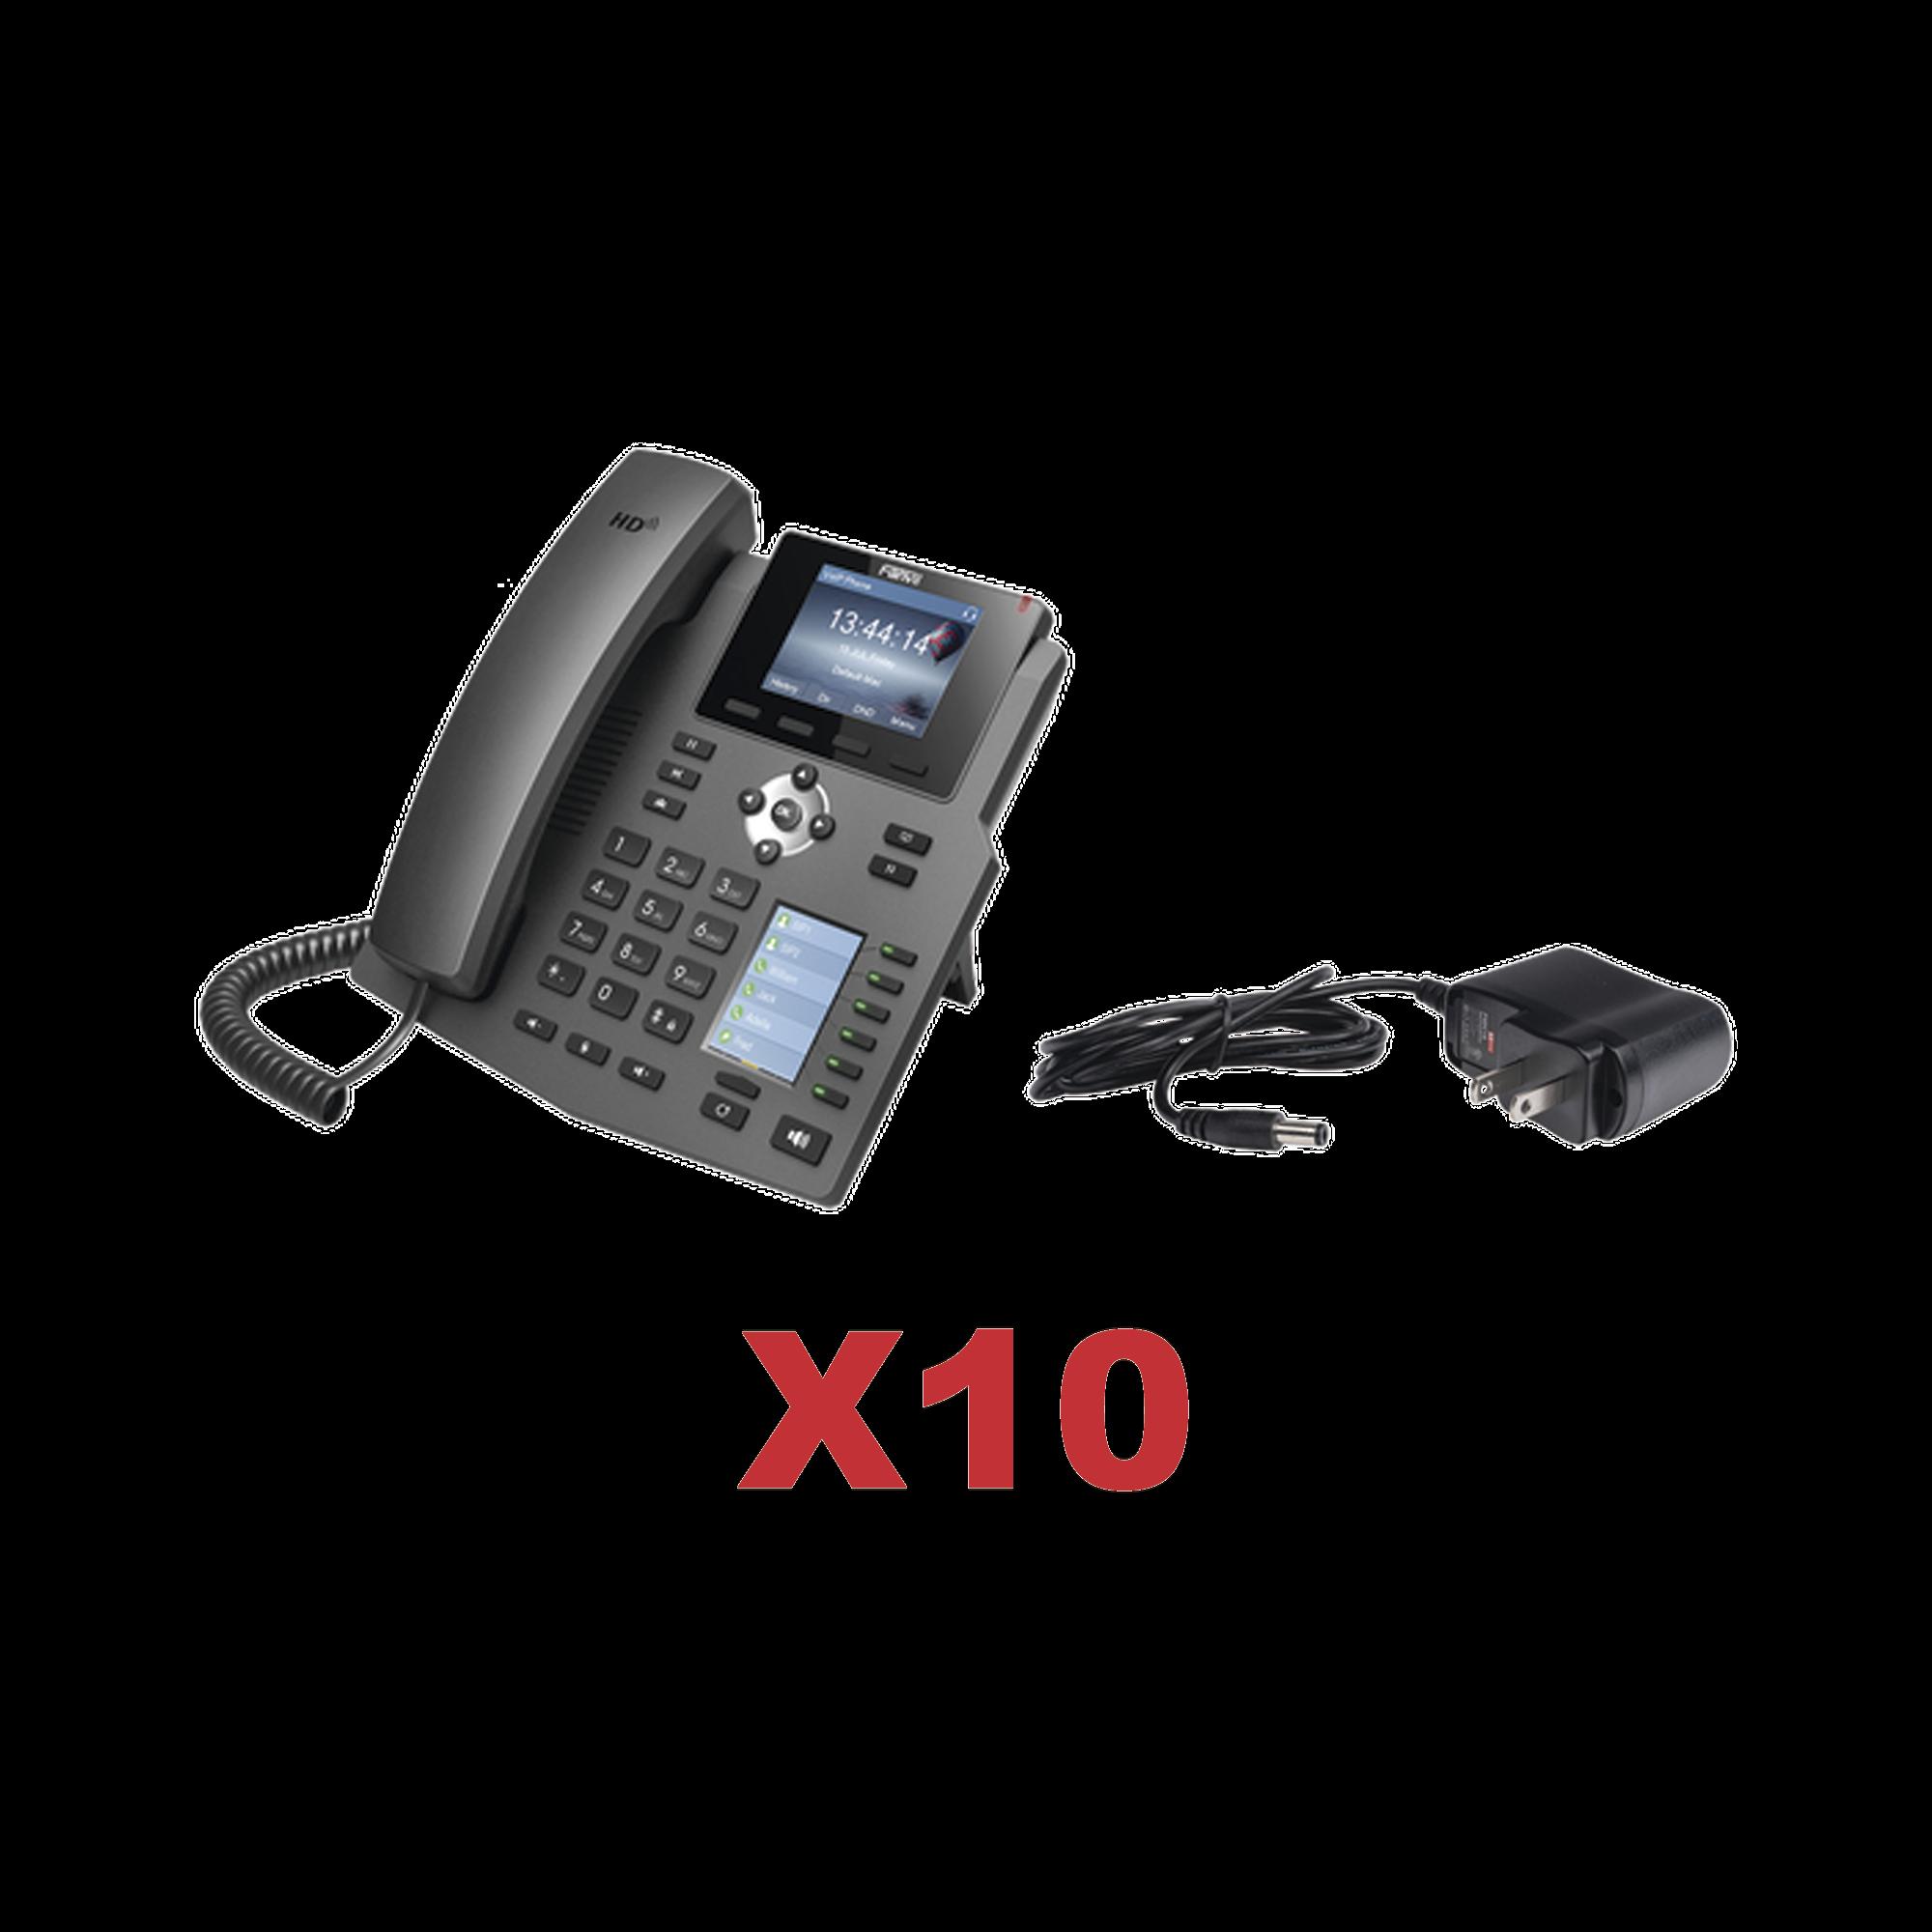 Kit de 10 telefonos Empresariales con pantalla a color, botonera de hasta 30 contactos, incluyen fuente de alimentacion y son PoE